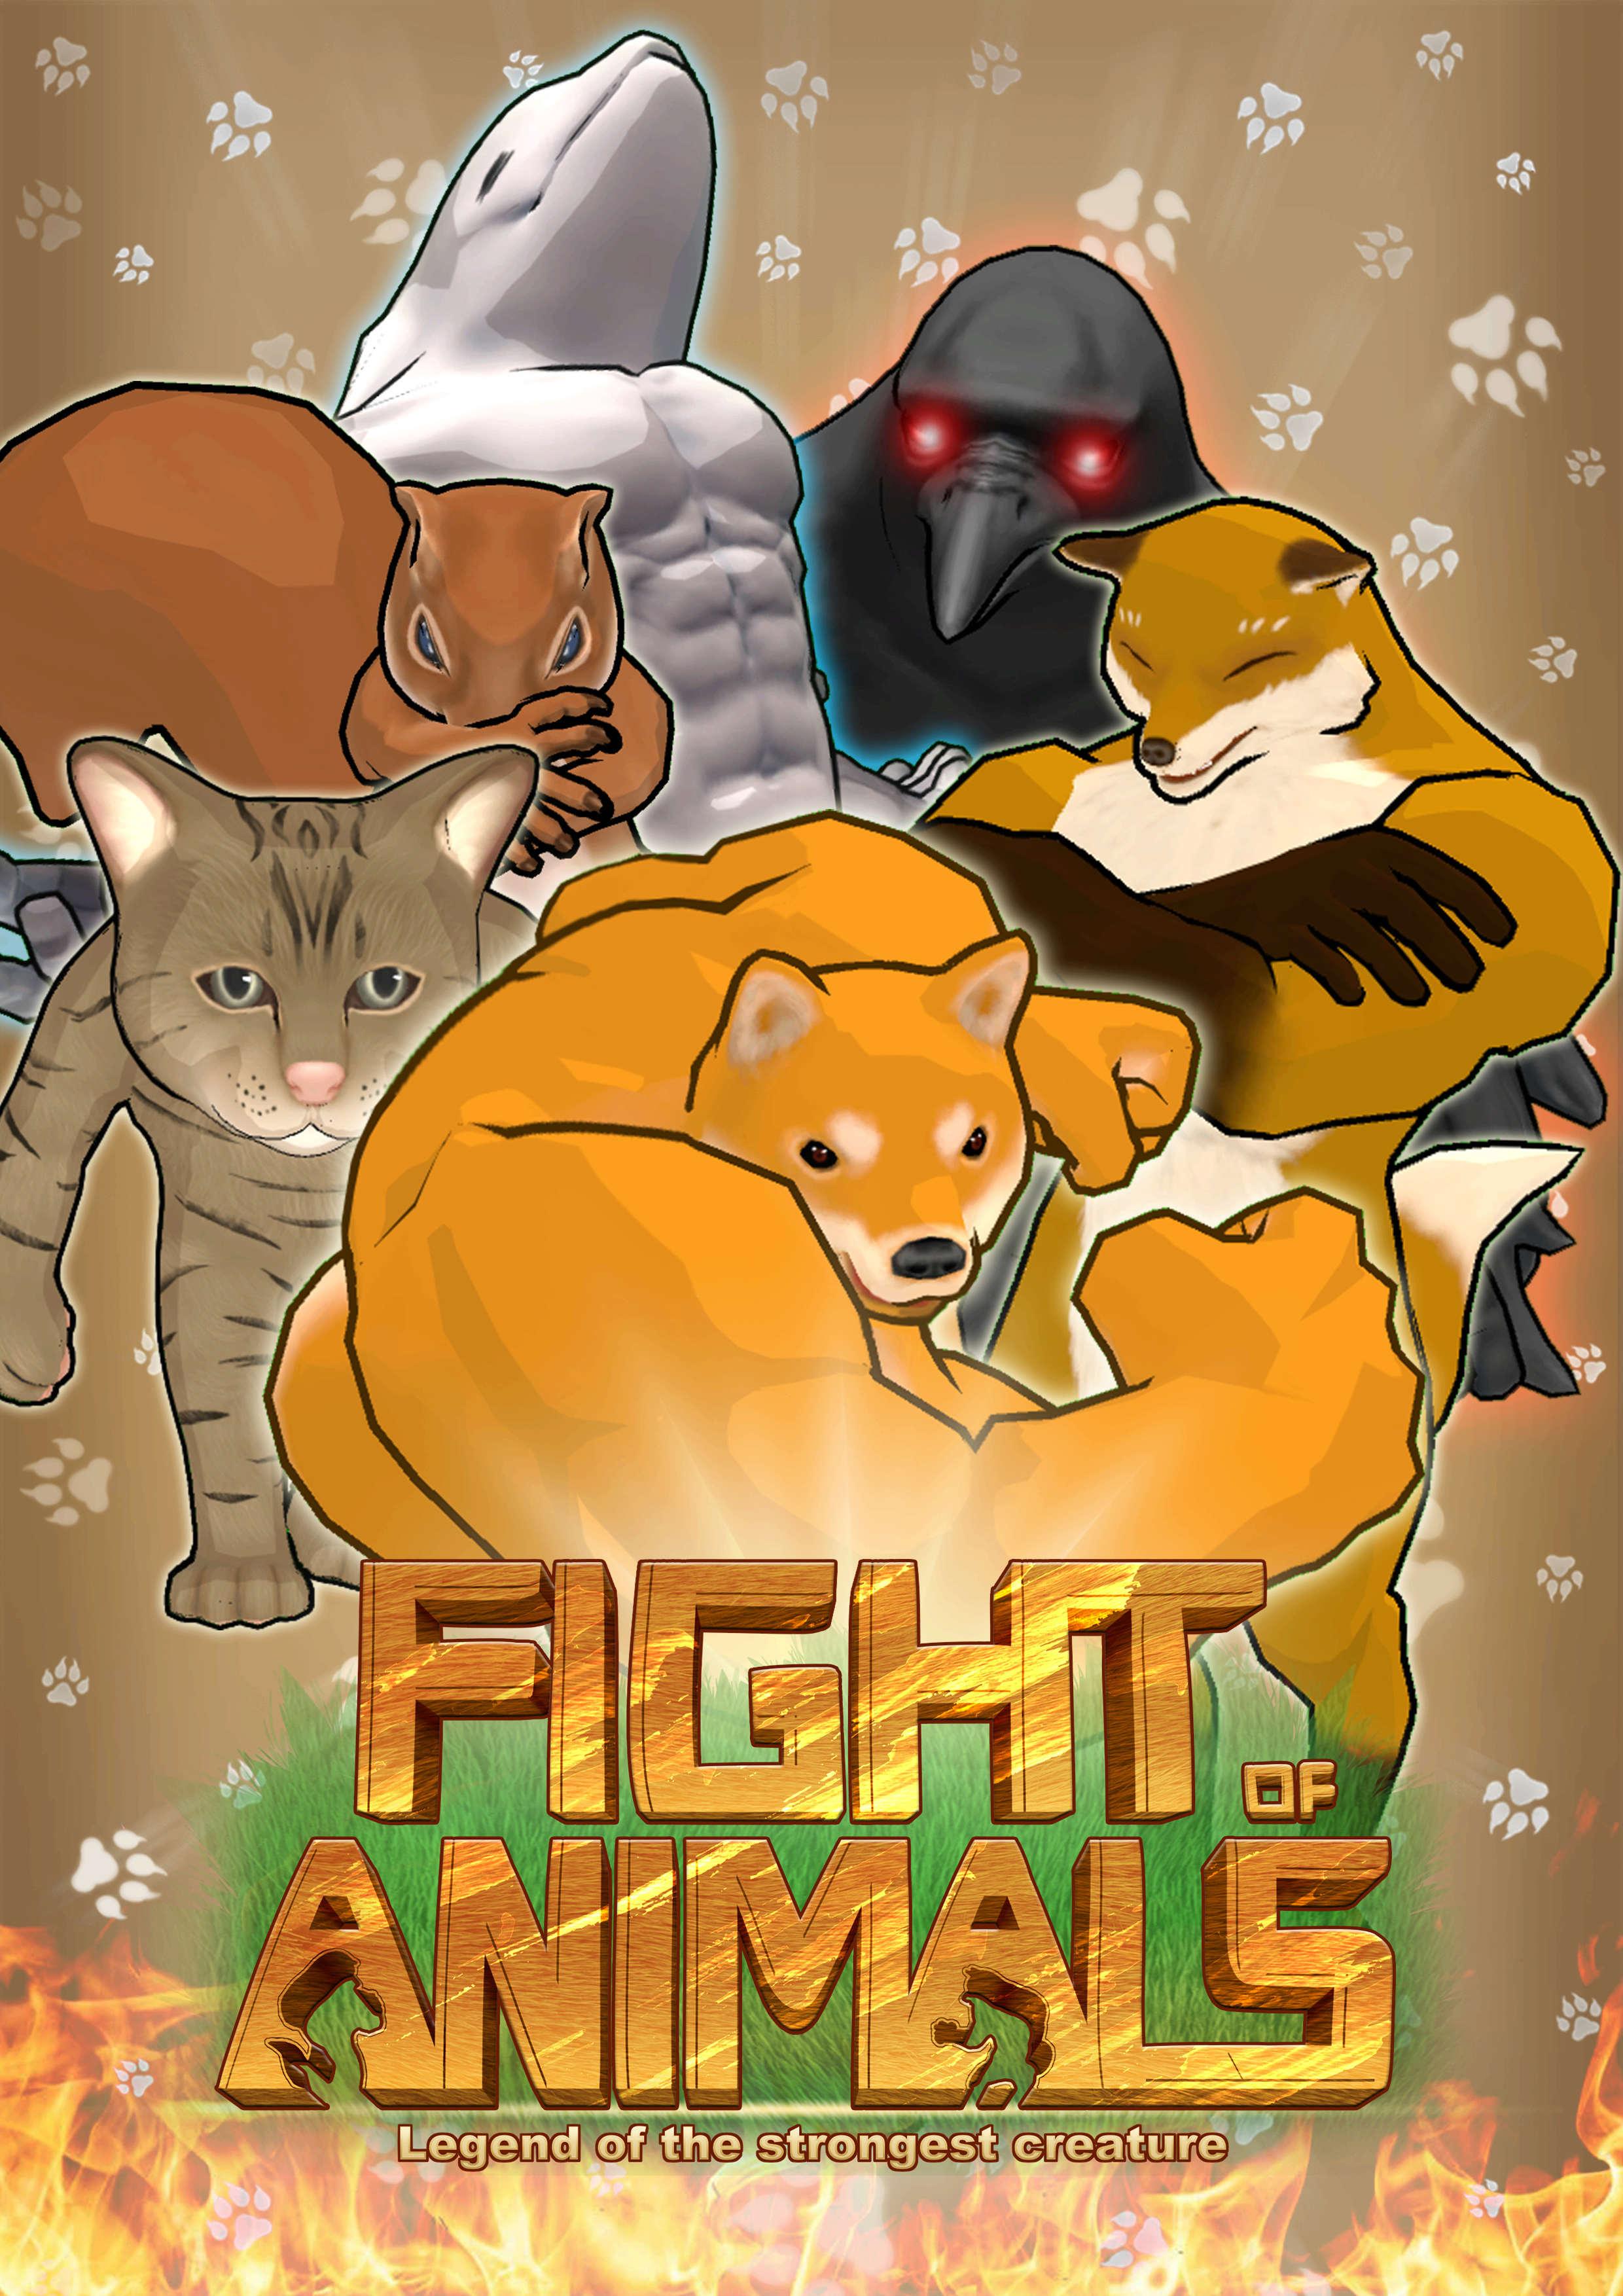 迷因格鬥遊戲《動物之鬪》正式發售! 不同次元的動物們在此齊聚激戰 1141